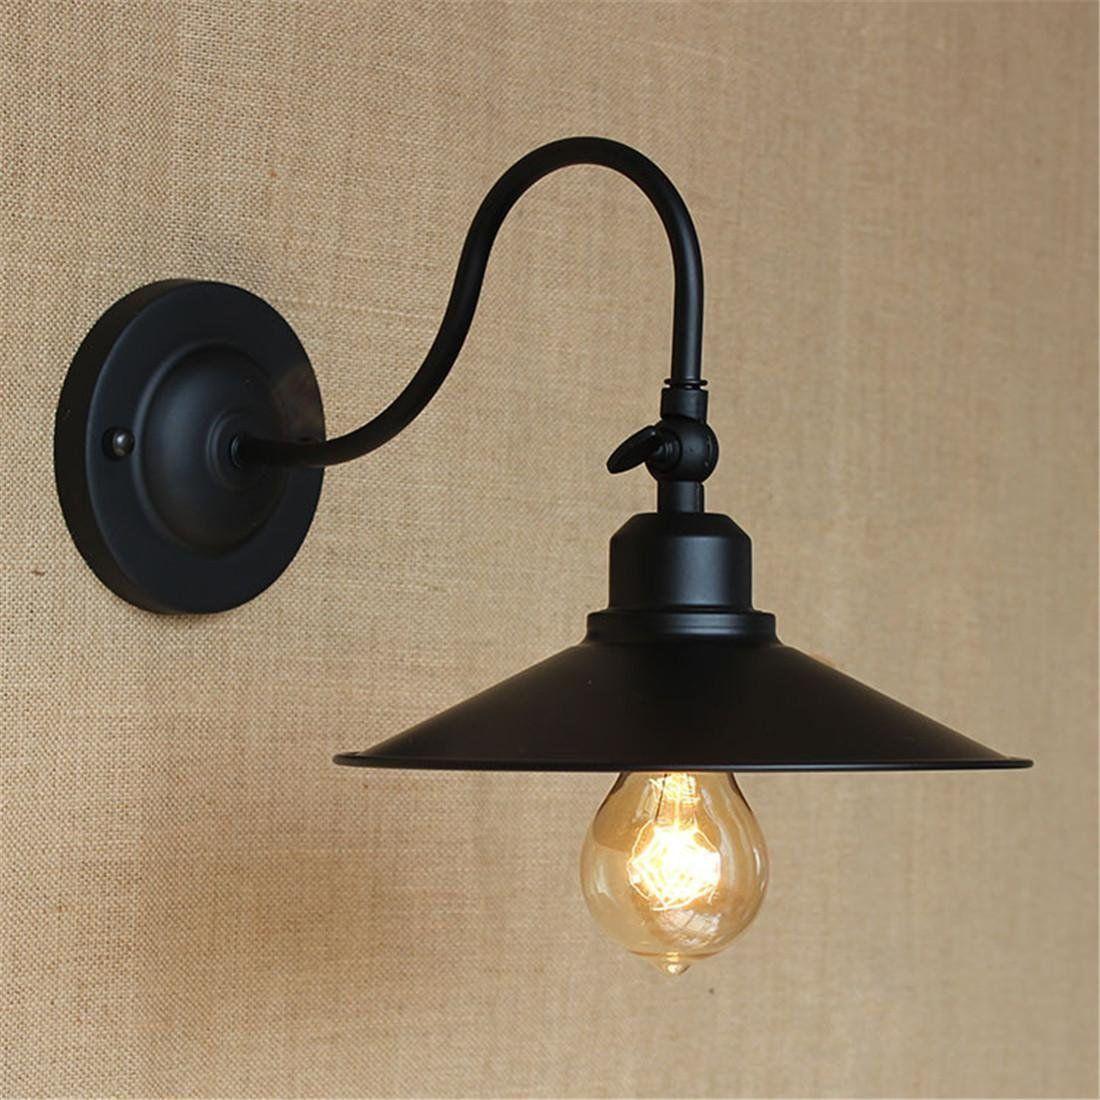 Hjlhylbd American Retro Lampe Outdoor Antike Einfachheit Kreative Personlichkeit Europaische Industrielle Eisen Schlafzimmer Wan Wandleuchte Retro Lampe Lampe